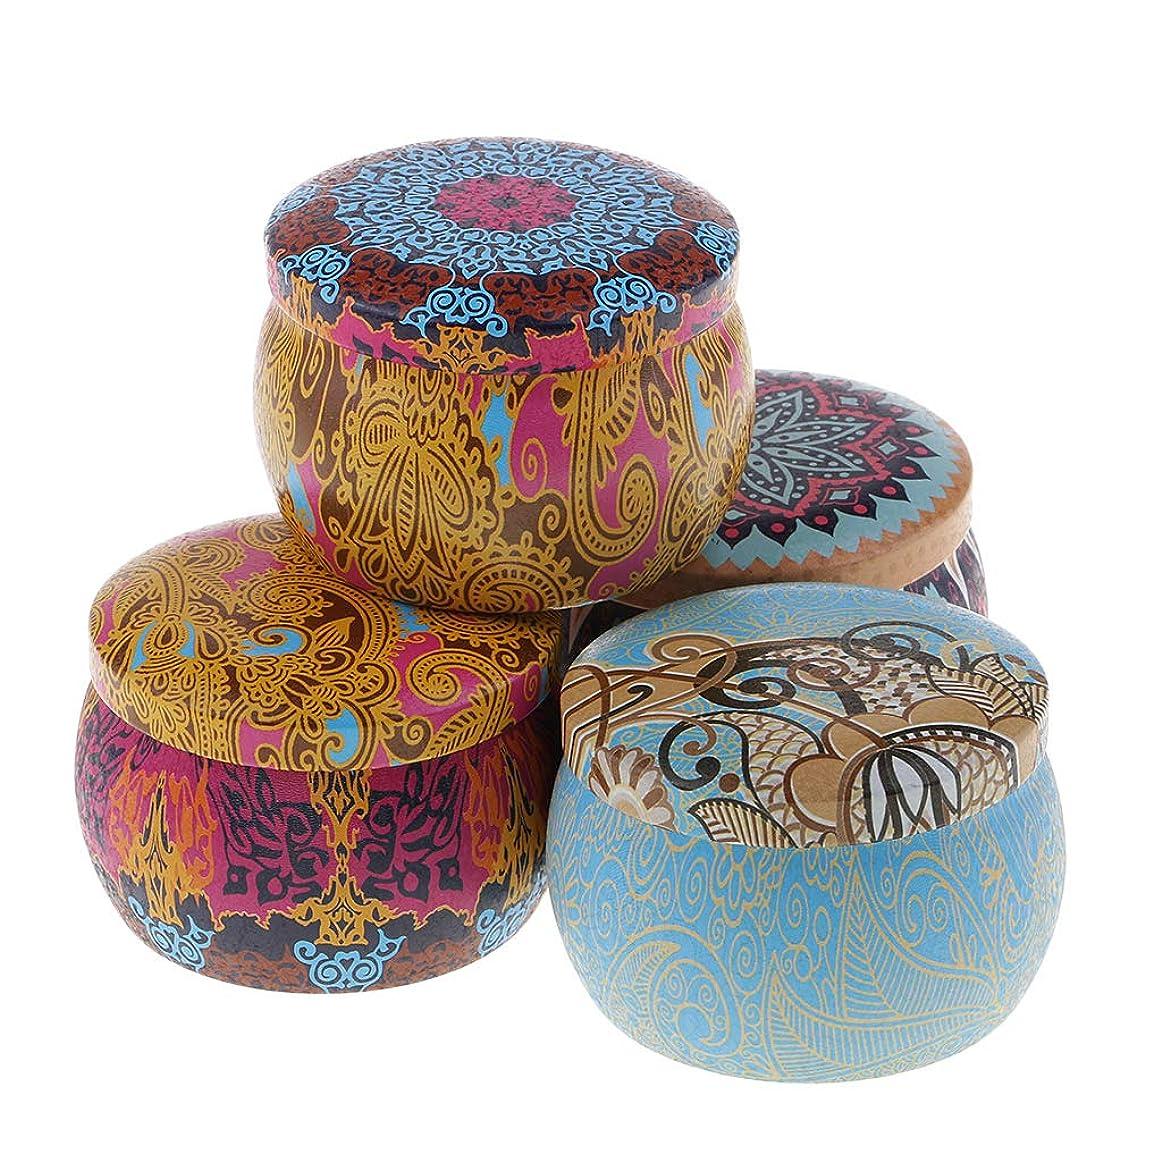 測るメイエラ一致するD DOLITY 民族風 アロマキャンドル 大豆 4個 贈り物 蝋燭 可愛い外観 癒しの灯り 135g 消臭約24時間